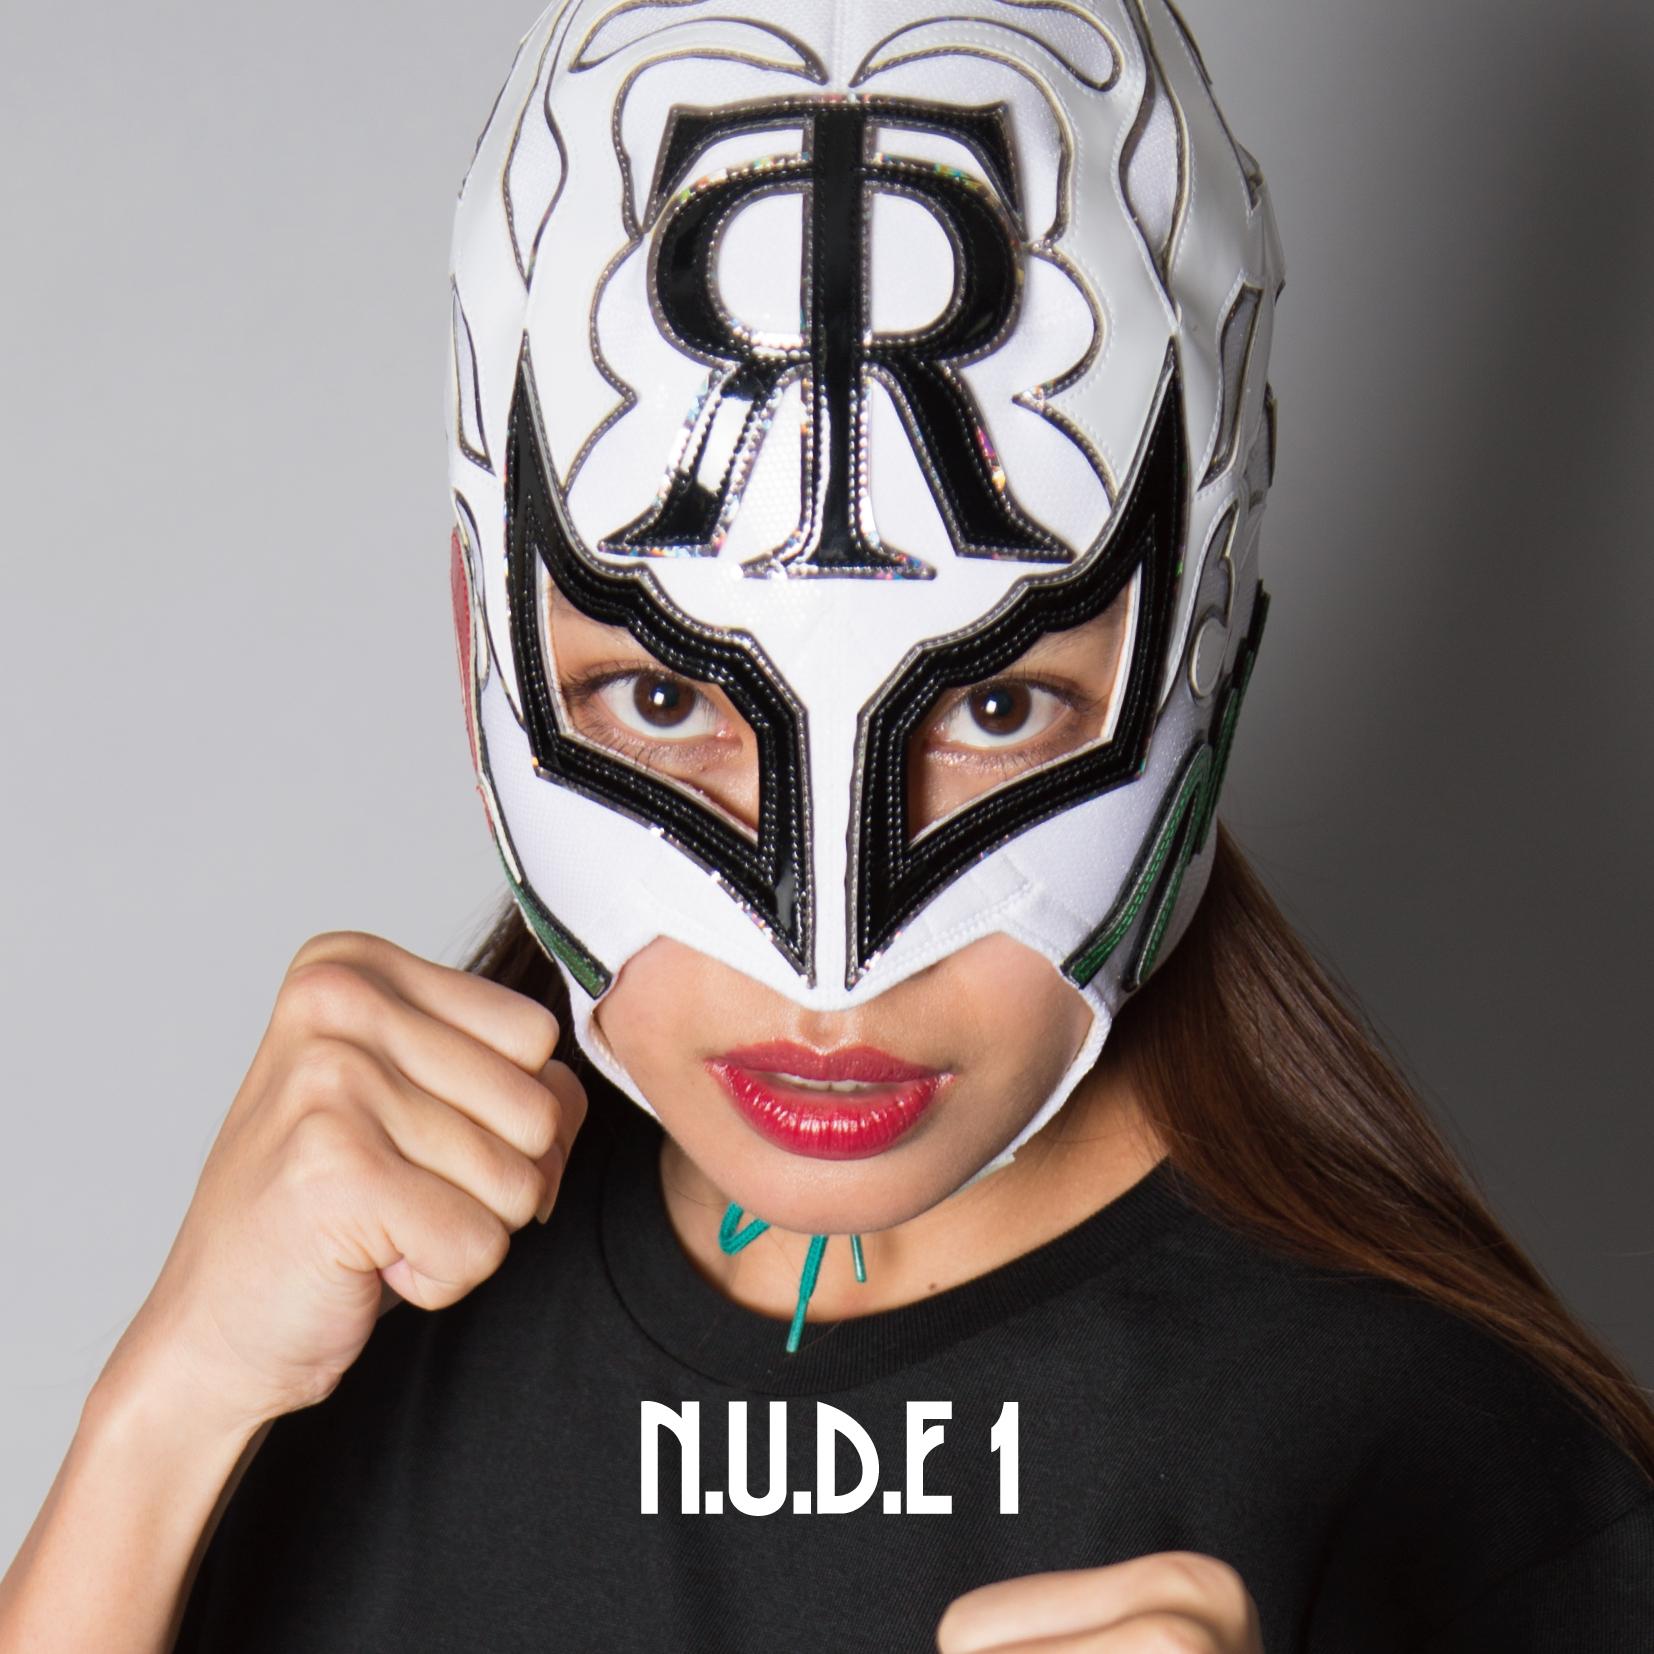 N.U.D.E 「N.U.D.E 1」 アナログレコード